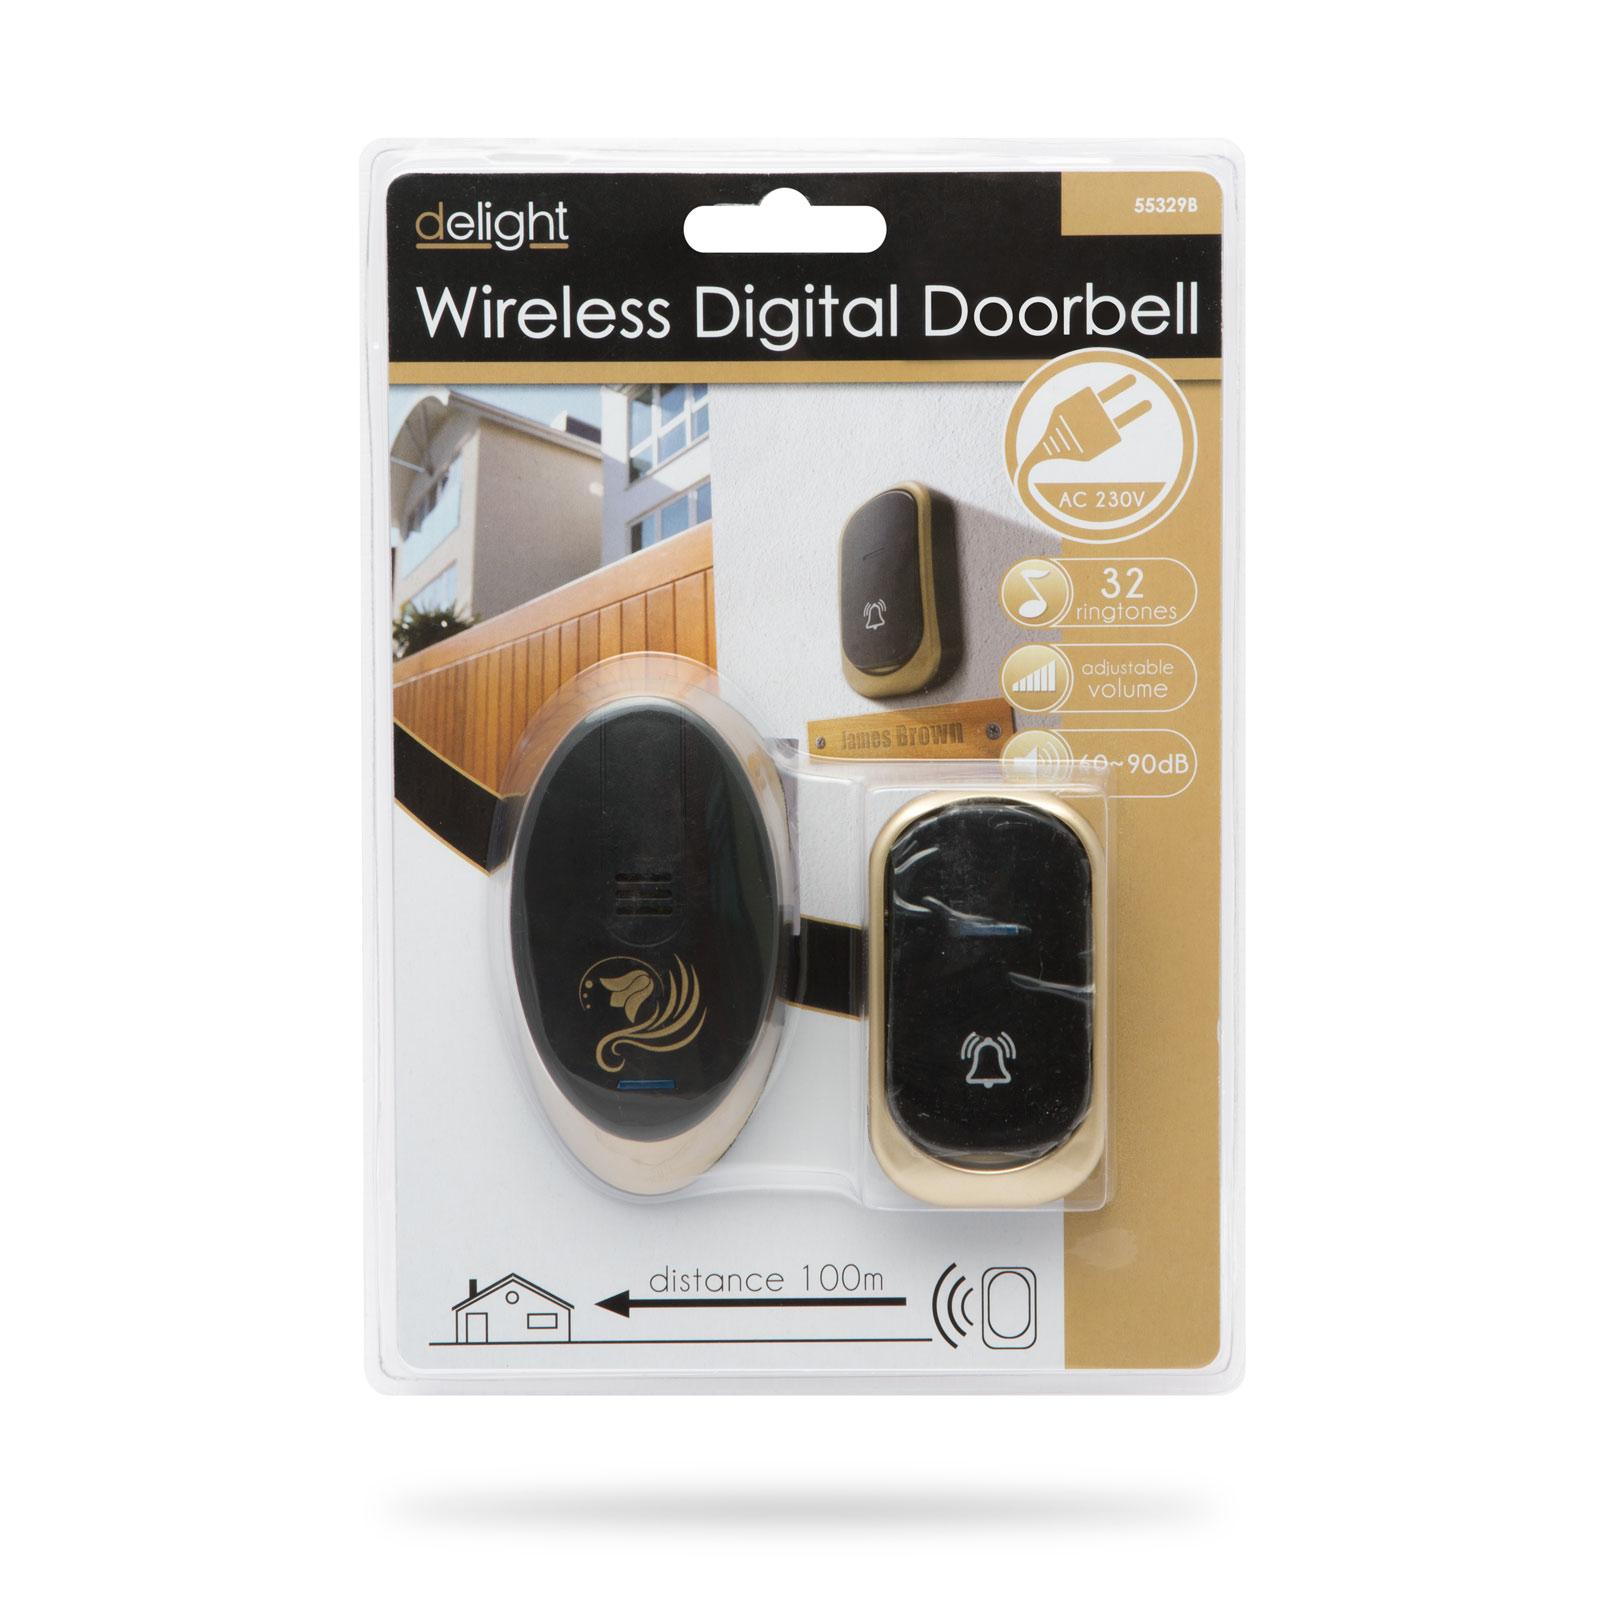 Delight Doorbell55329B je designový bezdrátový domovní zvonek s dosahem až 100m, 32 melodií, nastavení hlasitosti